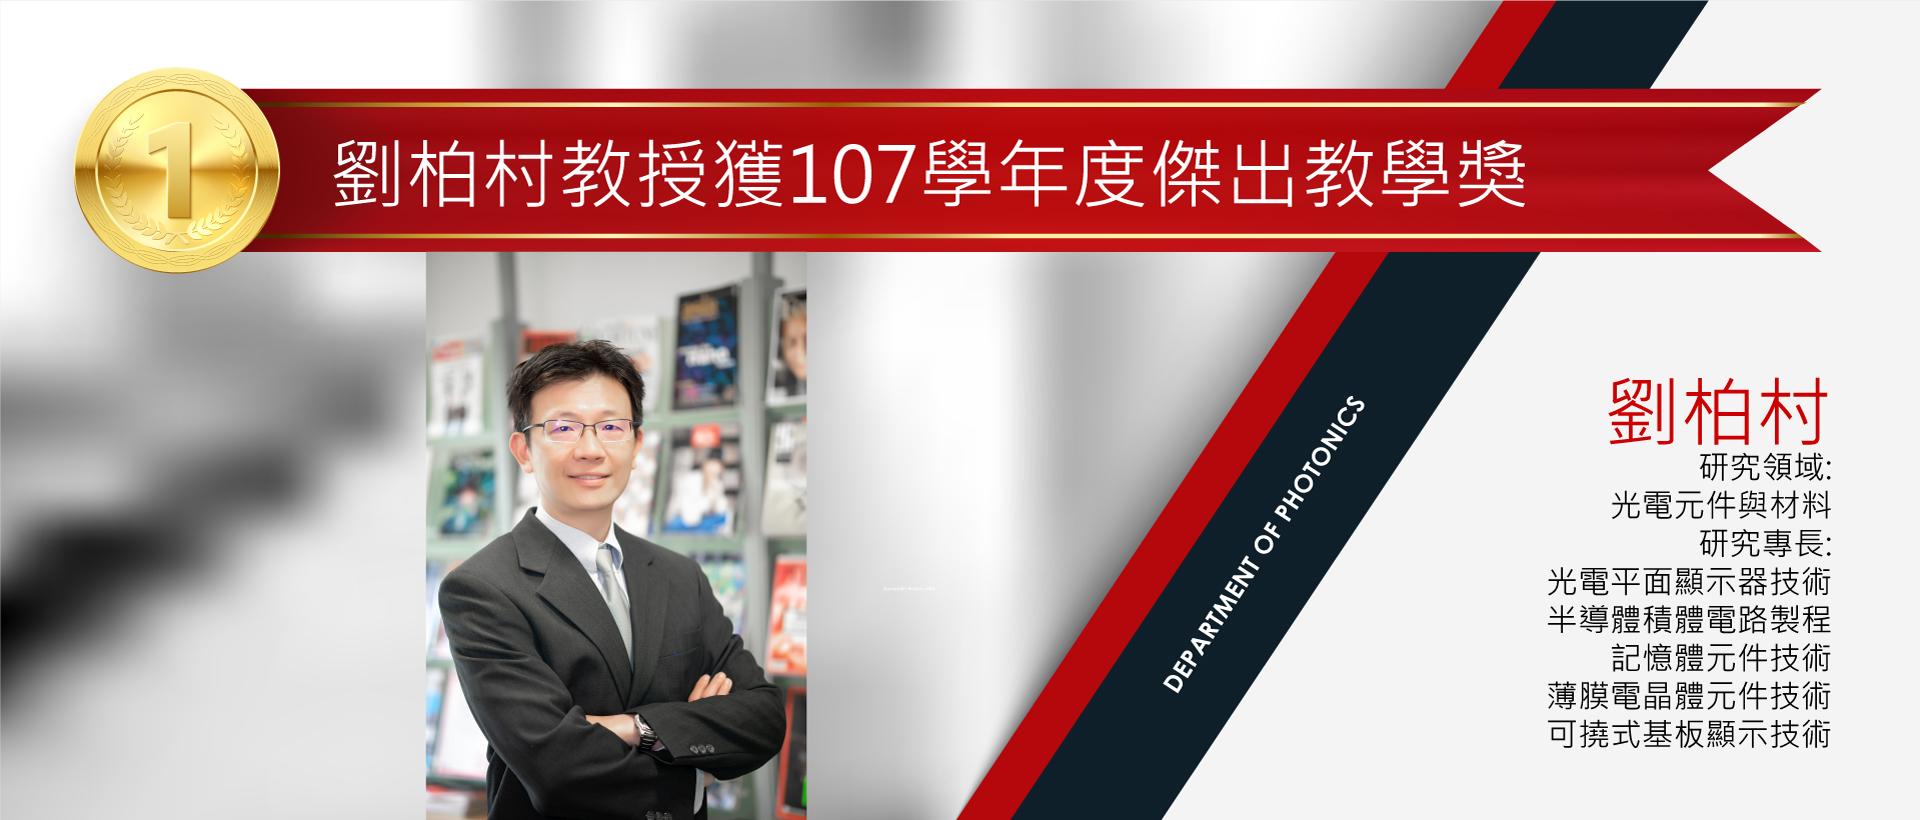 恭喜劉柏村教授獲107學年度傑出教學獎